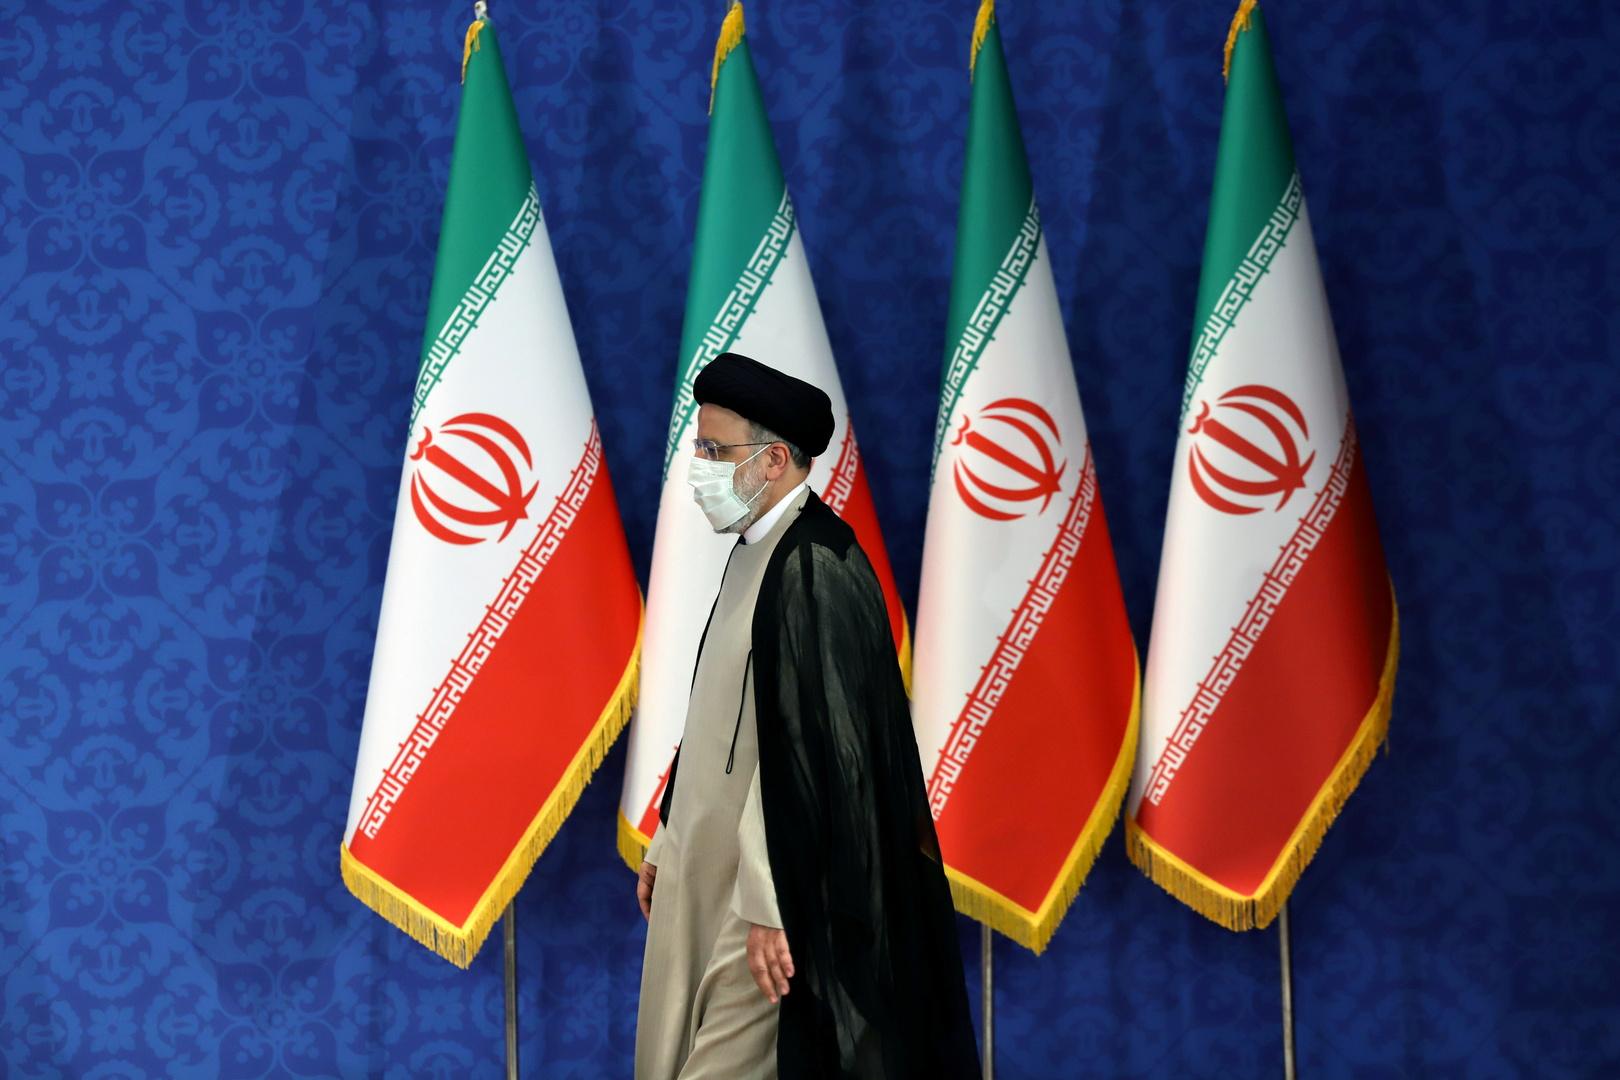 الرئيس الإيراني يؤكد ضرورة التعاون الدولي لـ